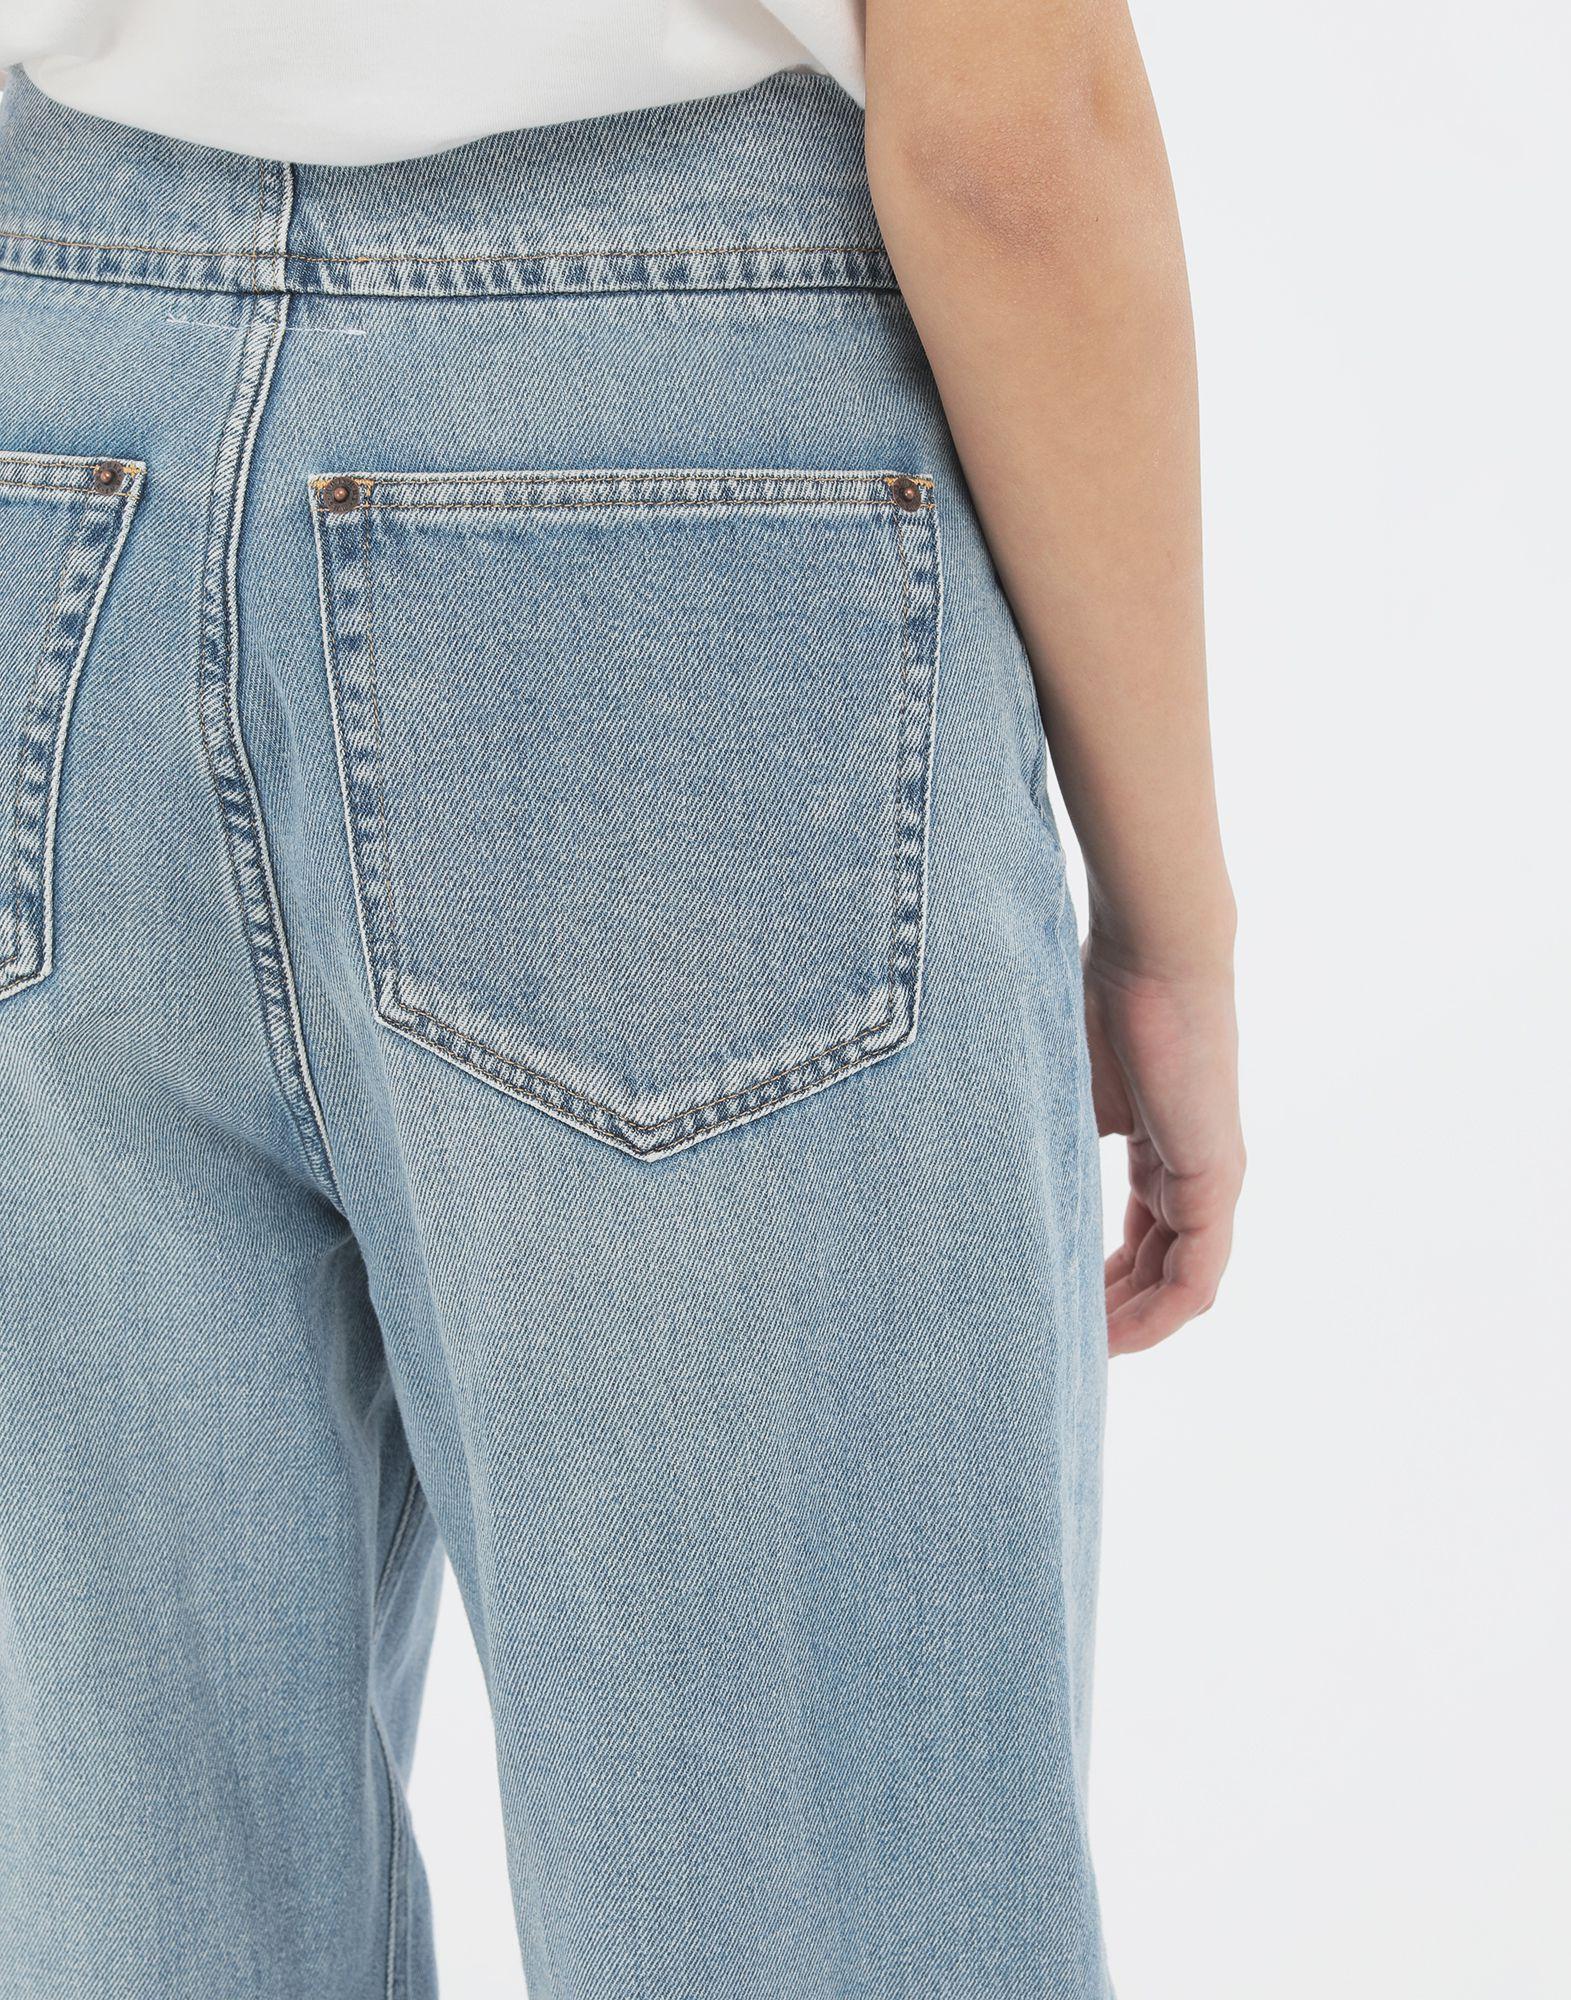 MM6 MAISON MARGIELA Jean cocon Pantalon en jean Femme b